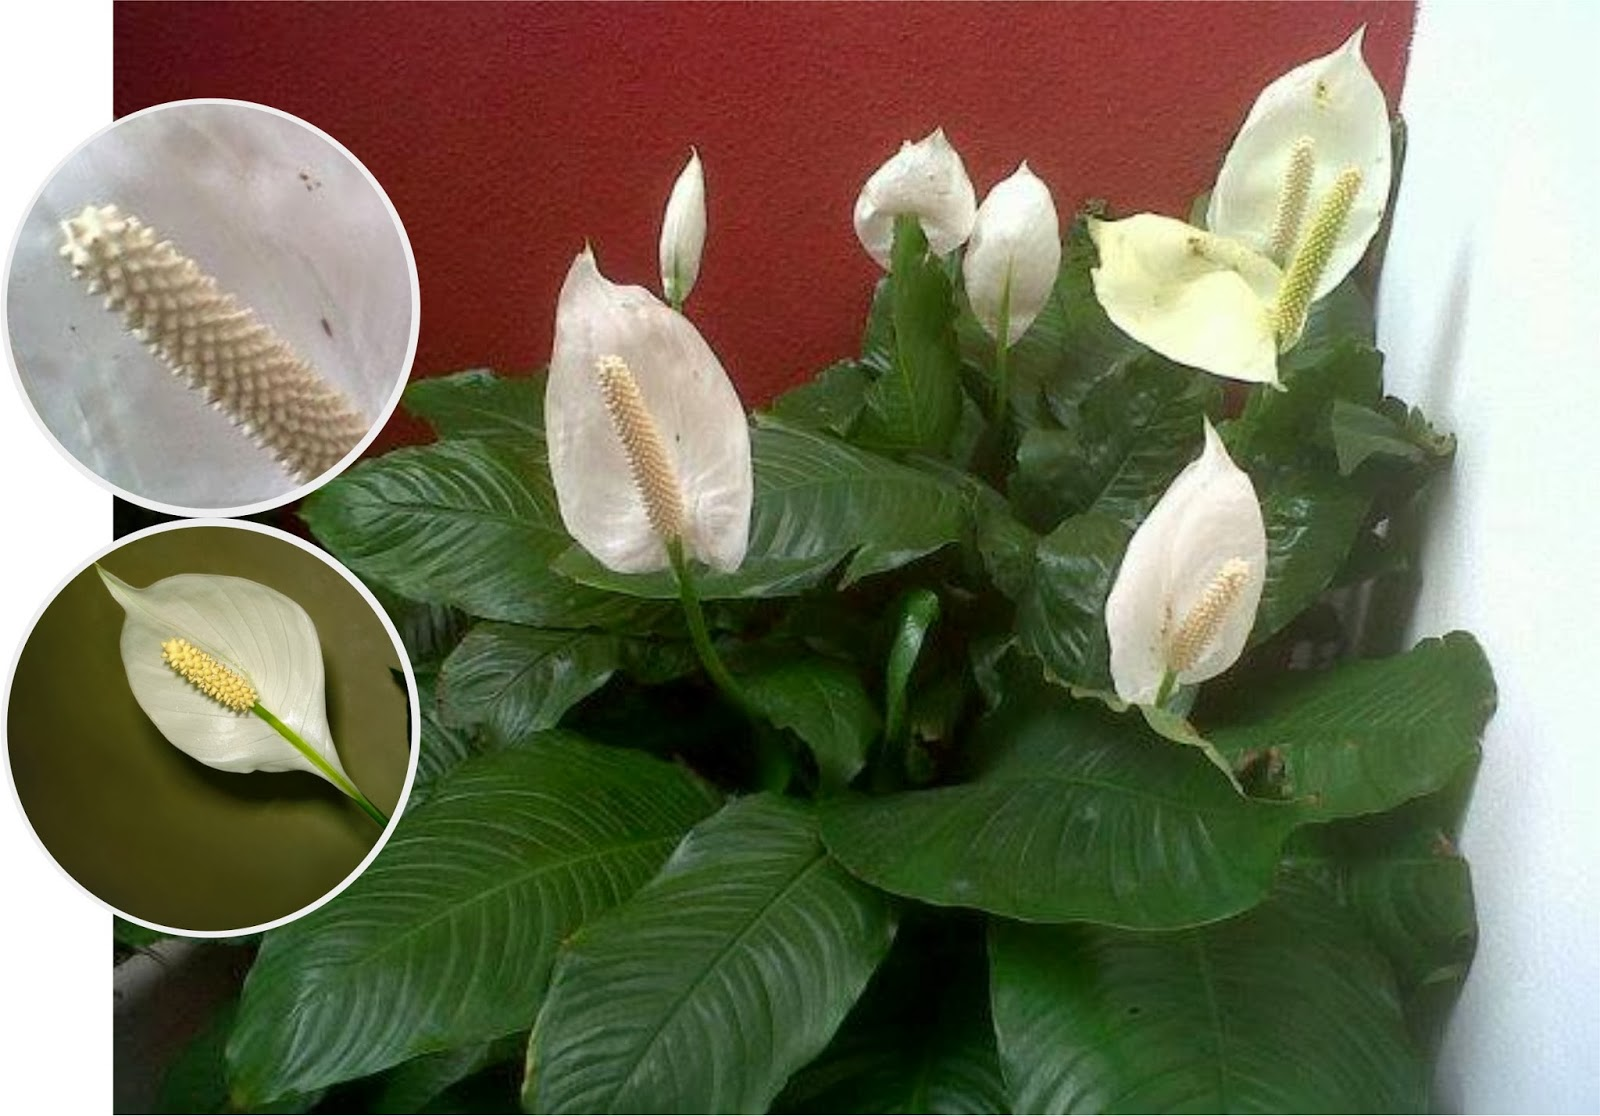 V e r d e c h a c o enero 2014 for Plantas de interior hojas grandes